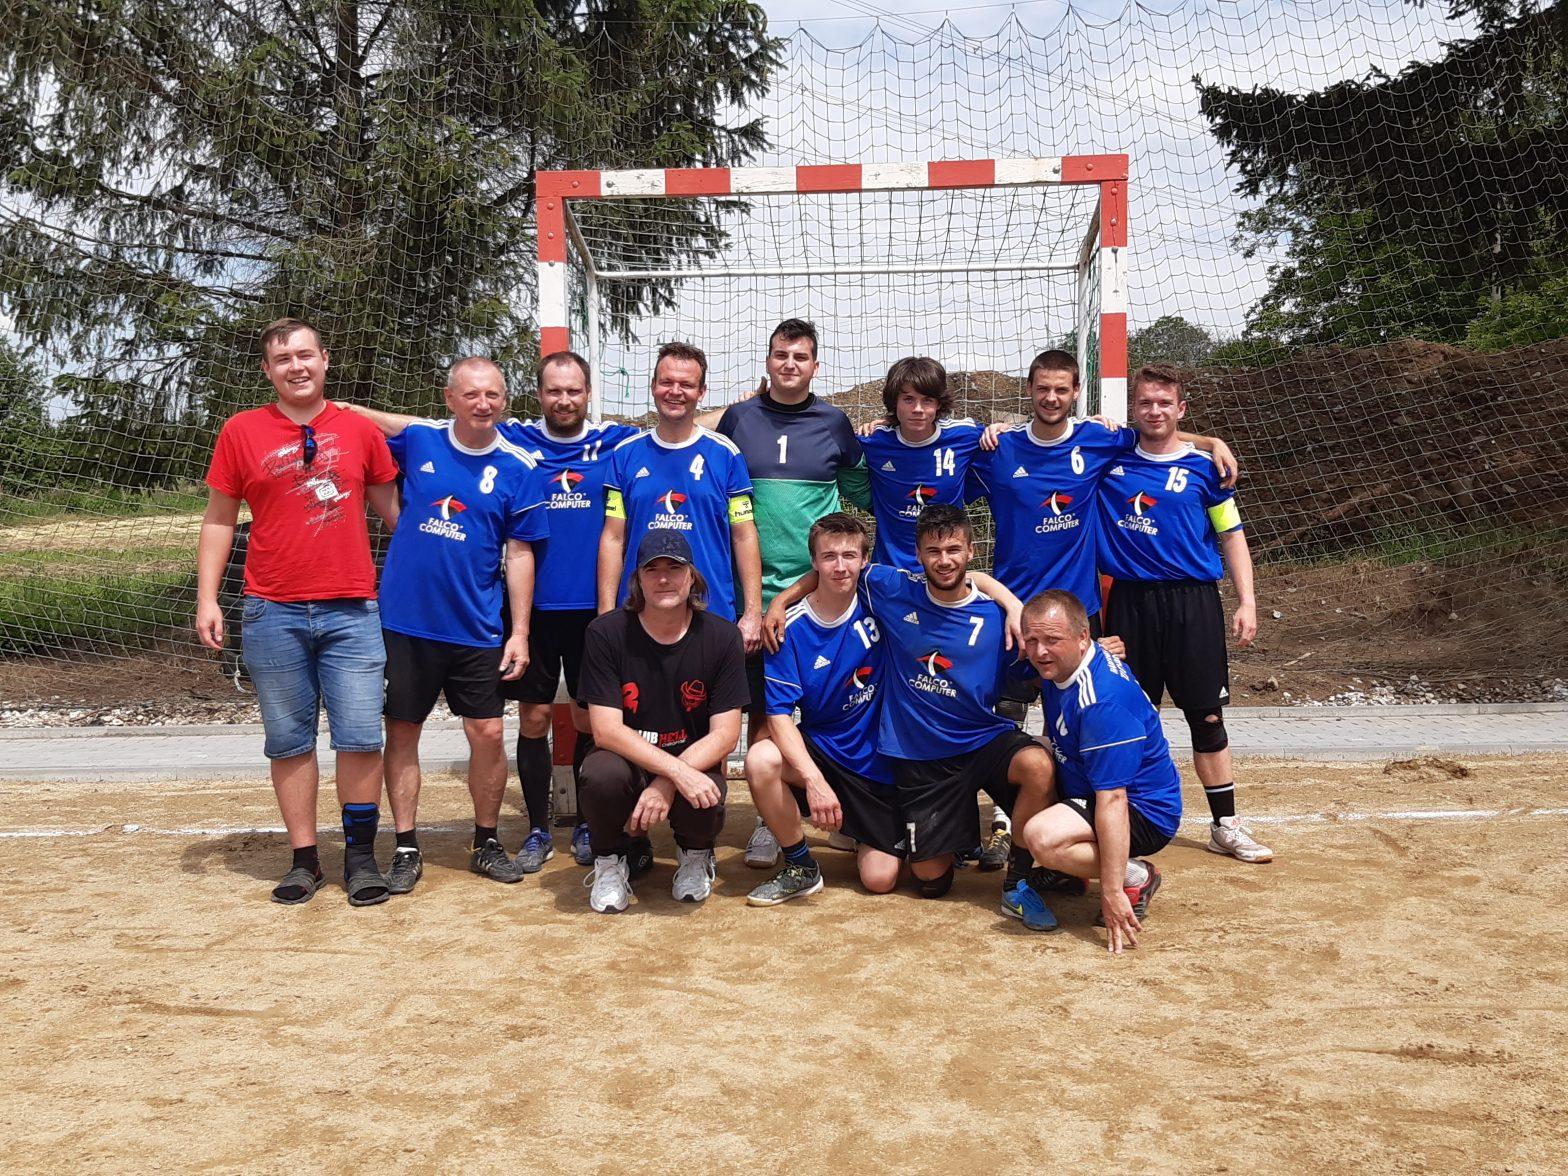 Družstvo mužů si odnáší 4. místo z turnaje v Nelešovicích.